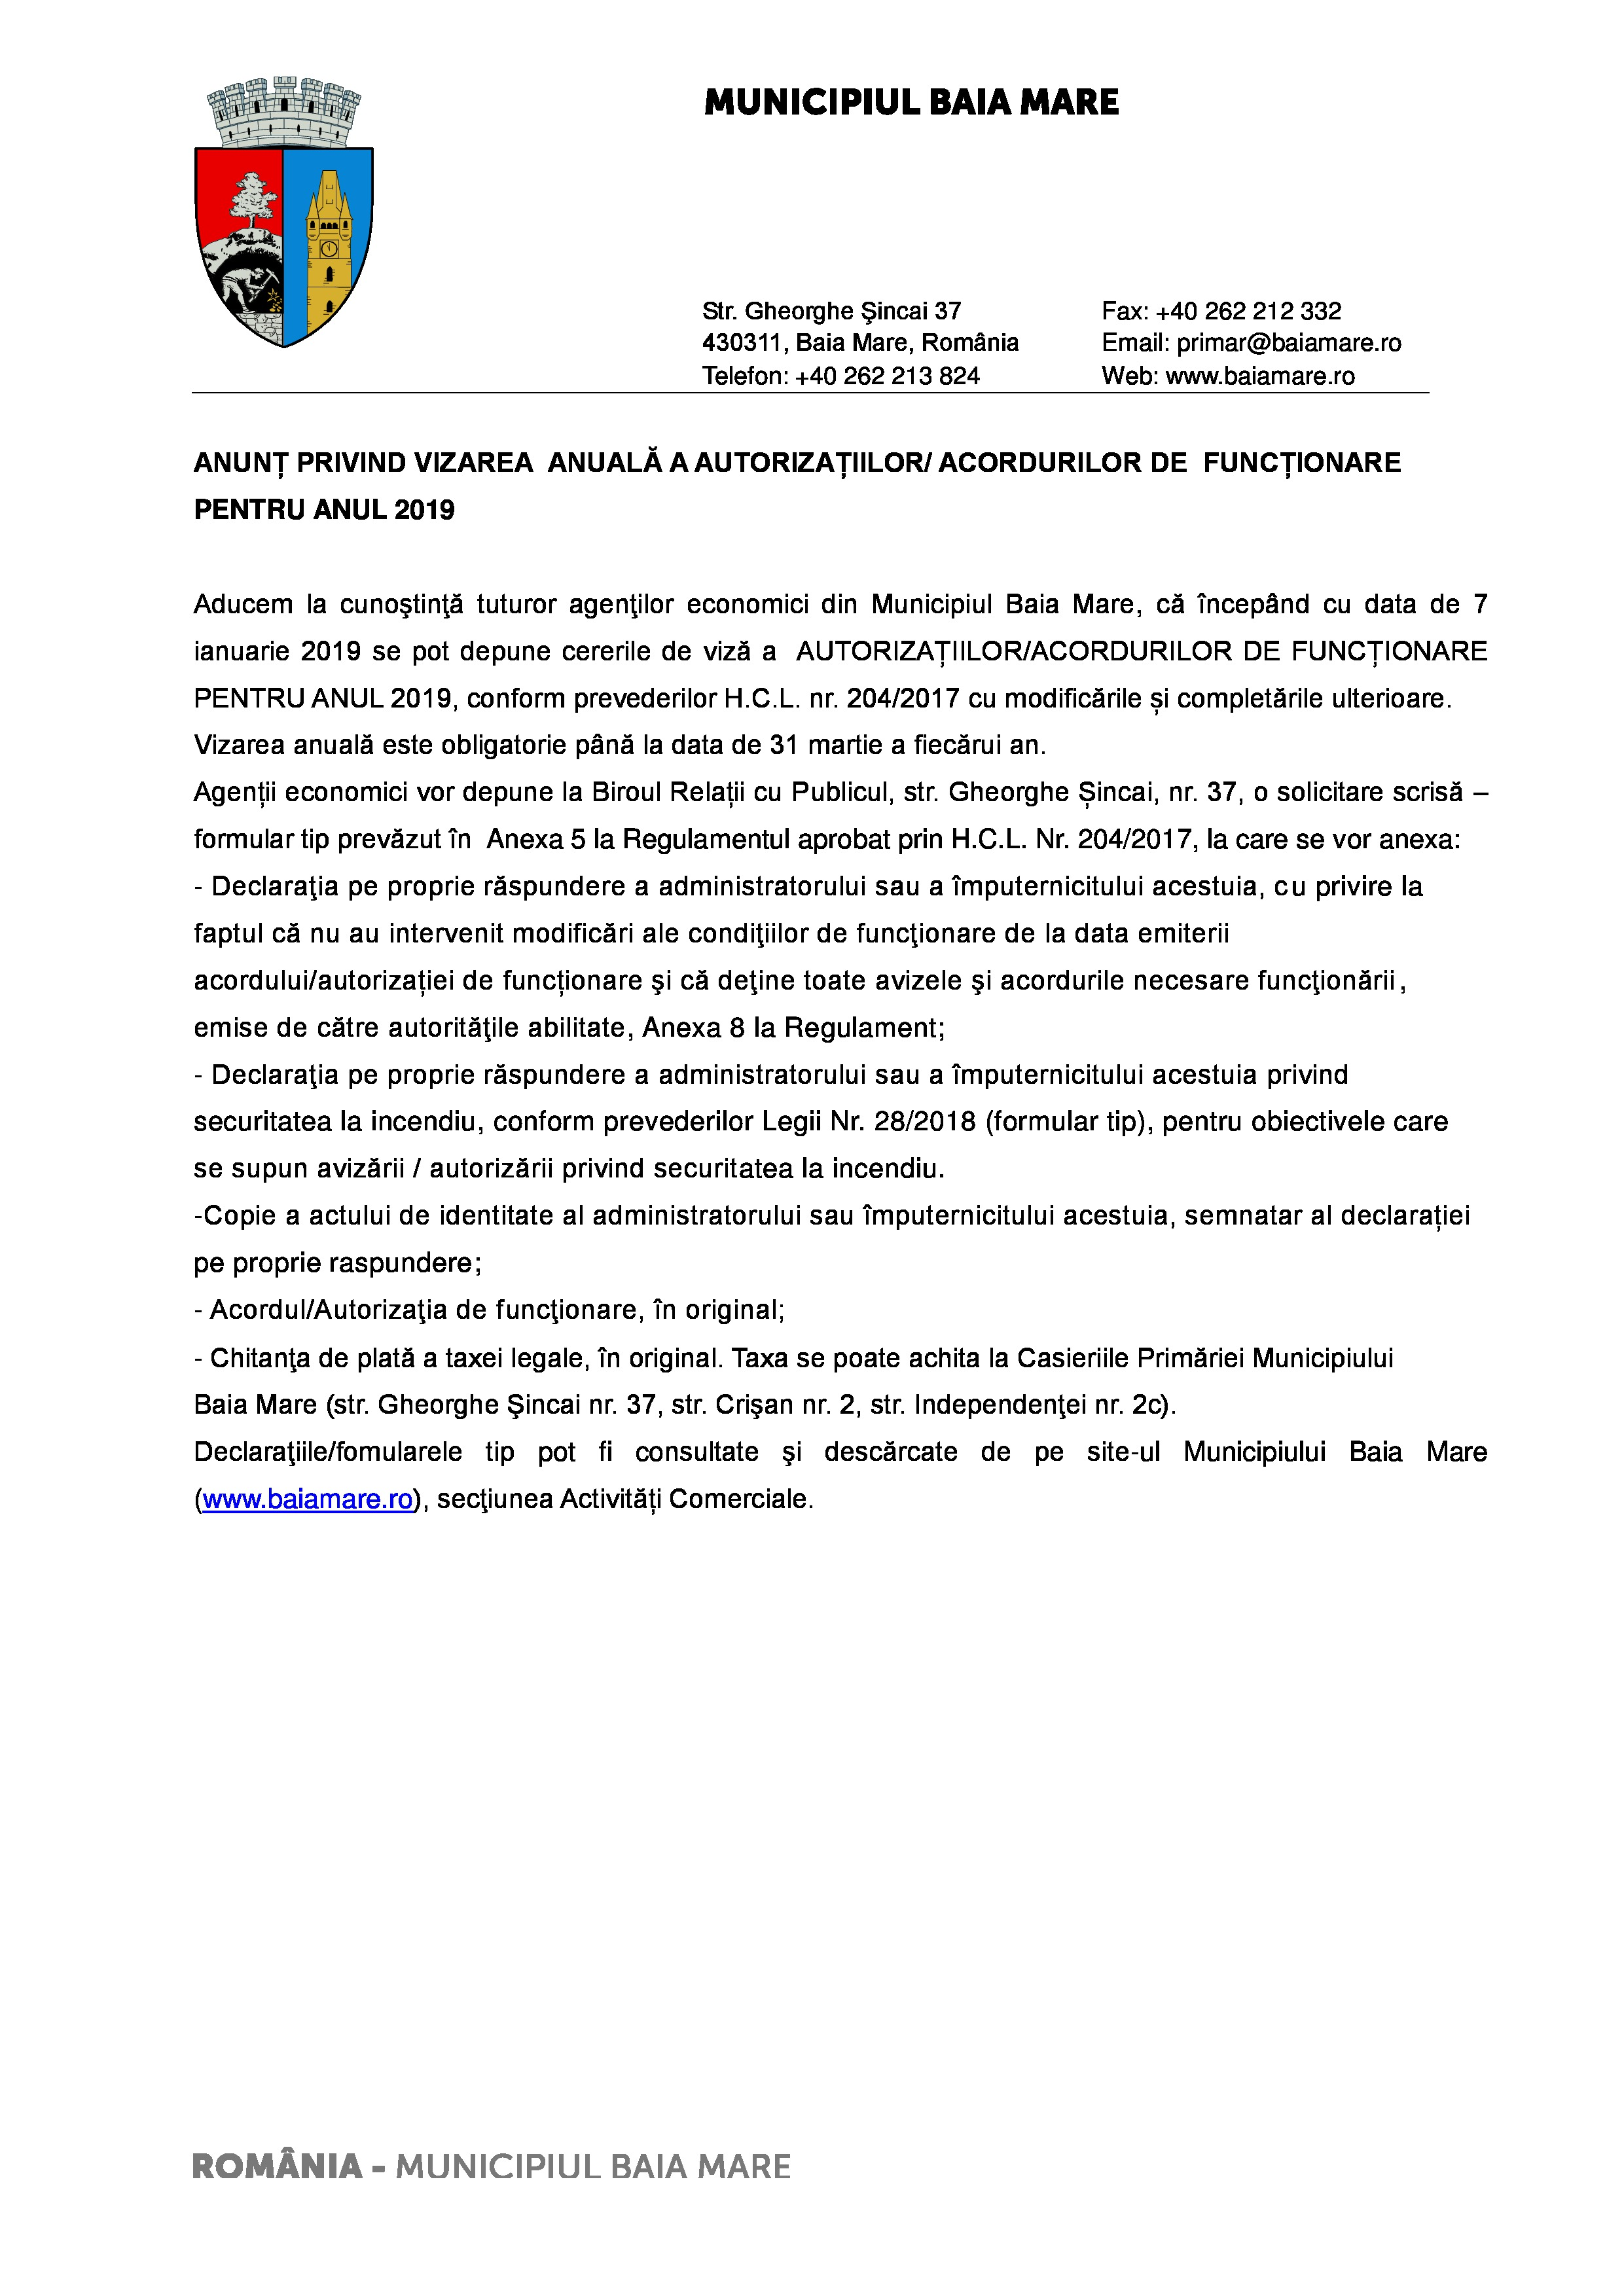 Anunț privind vizarea anuală a autorizațiilor/acordurilor de funcționare pentru anul 2019